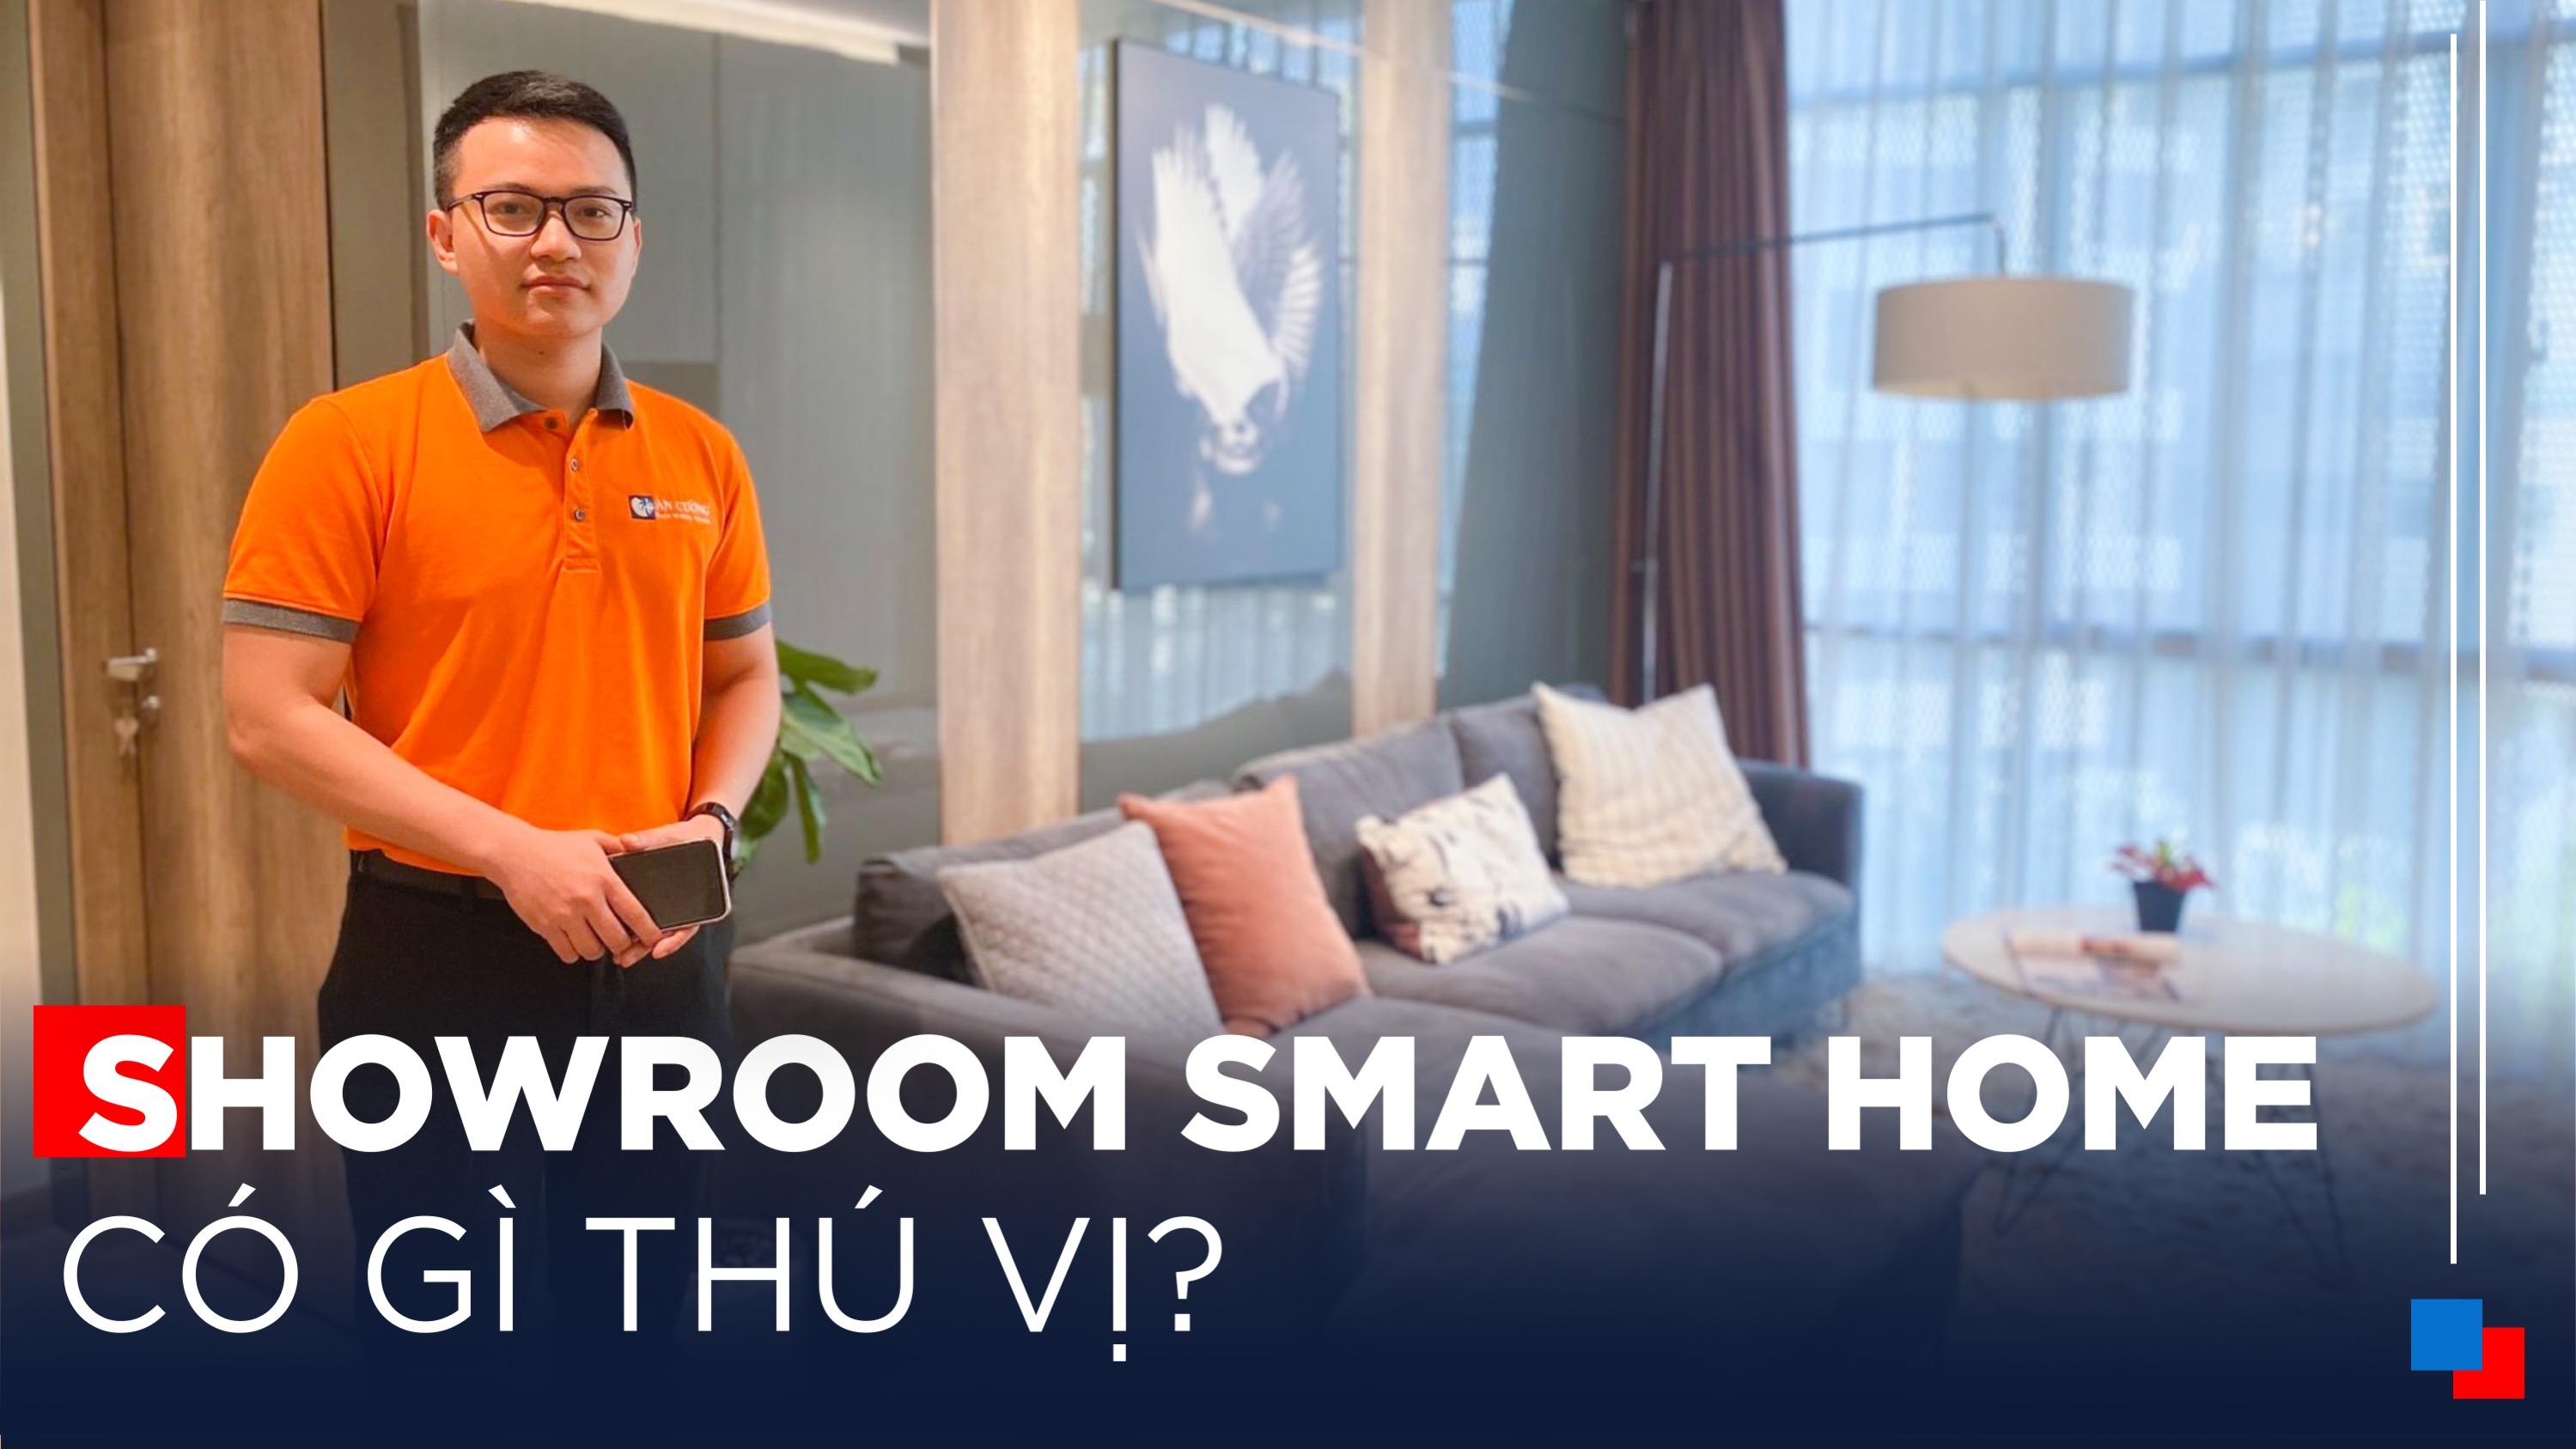 Showroom Smart Home Của An Cường Có Gì Thú Vị?